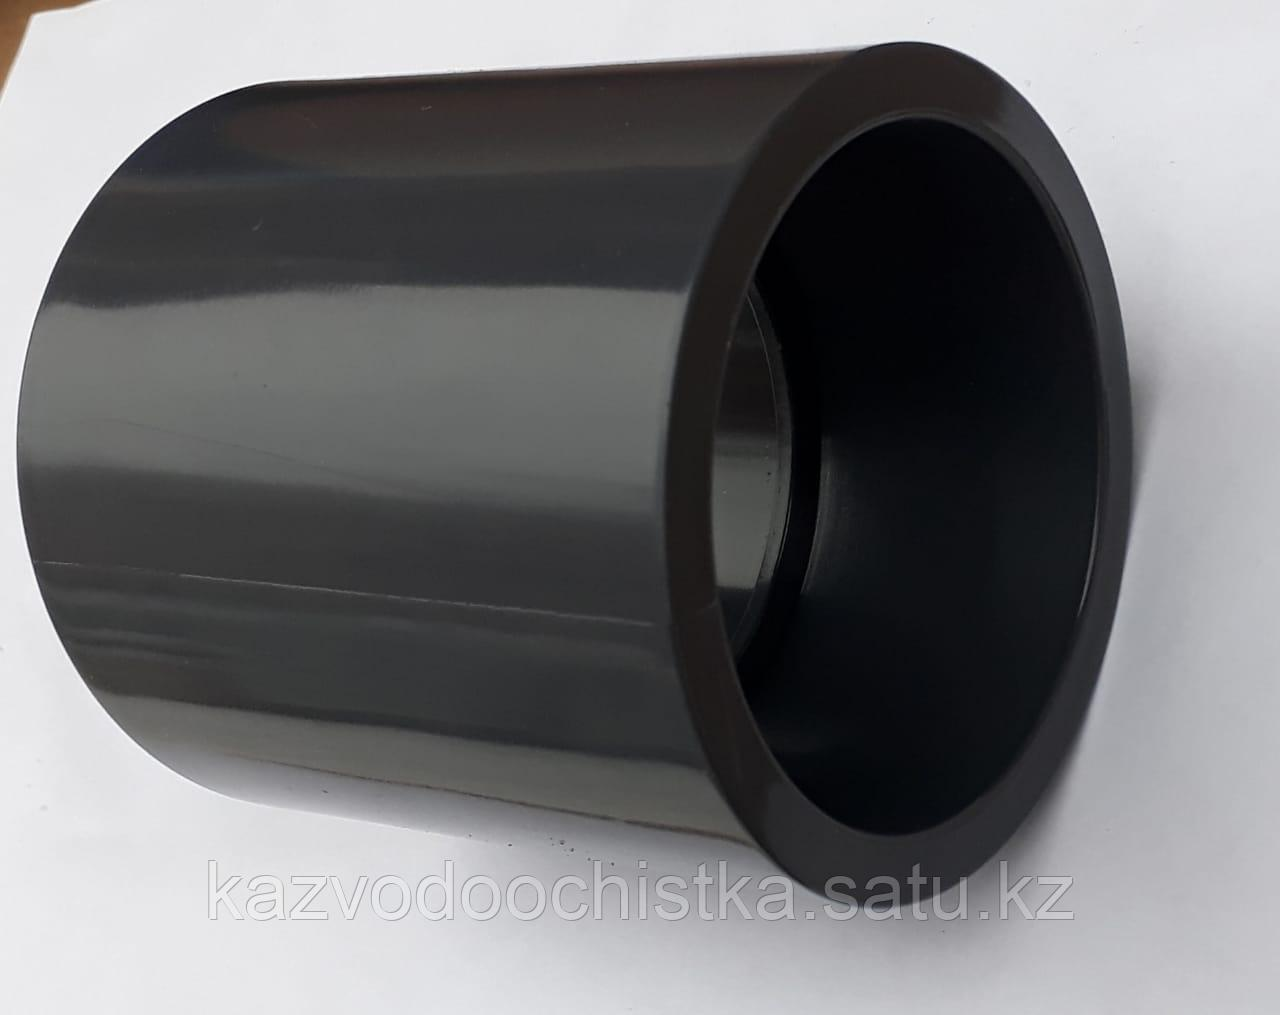 ПВХ Муфта неразъемная  (COUPLING) 40 мм.